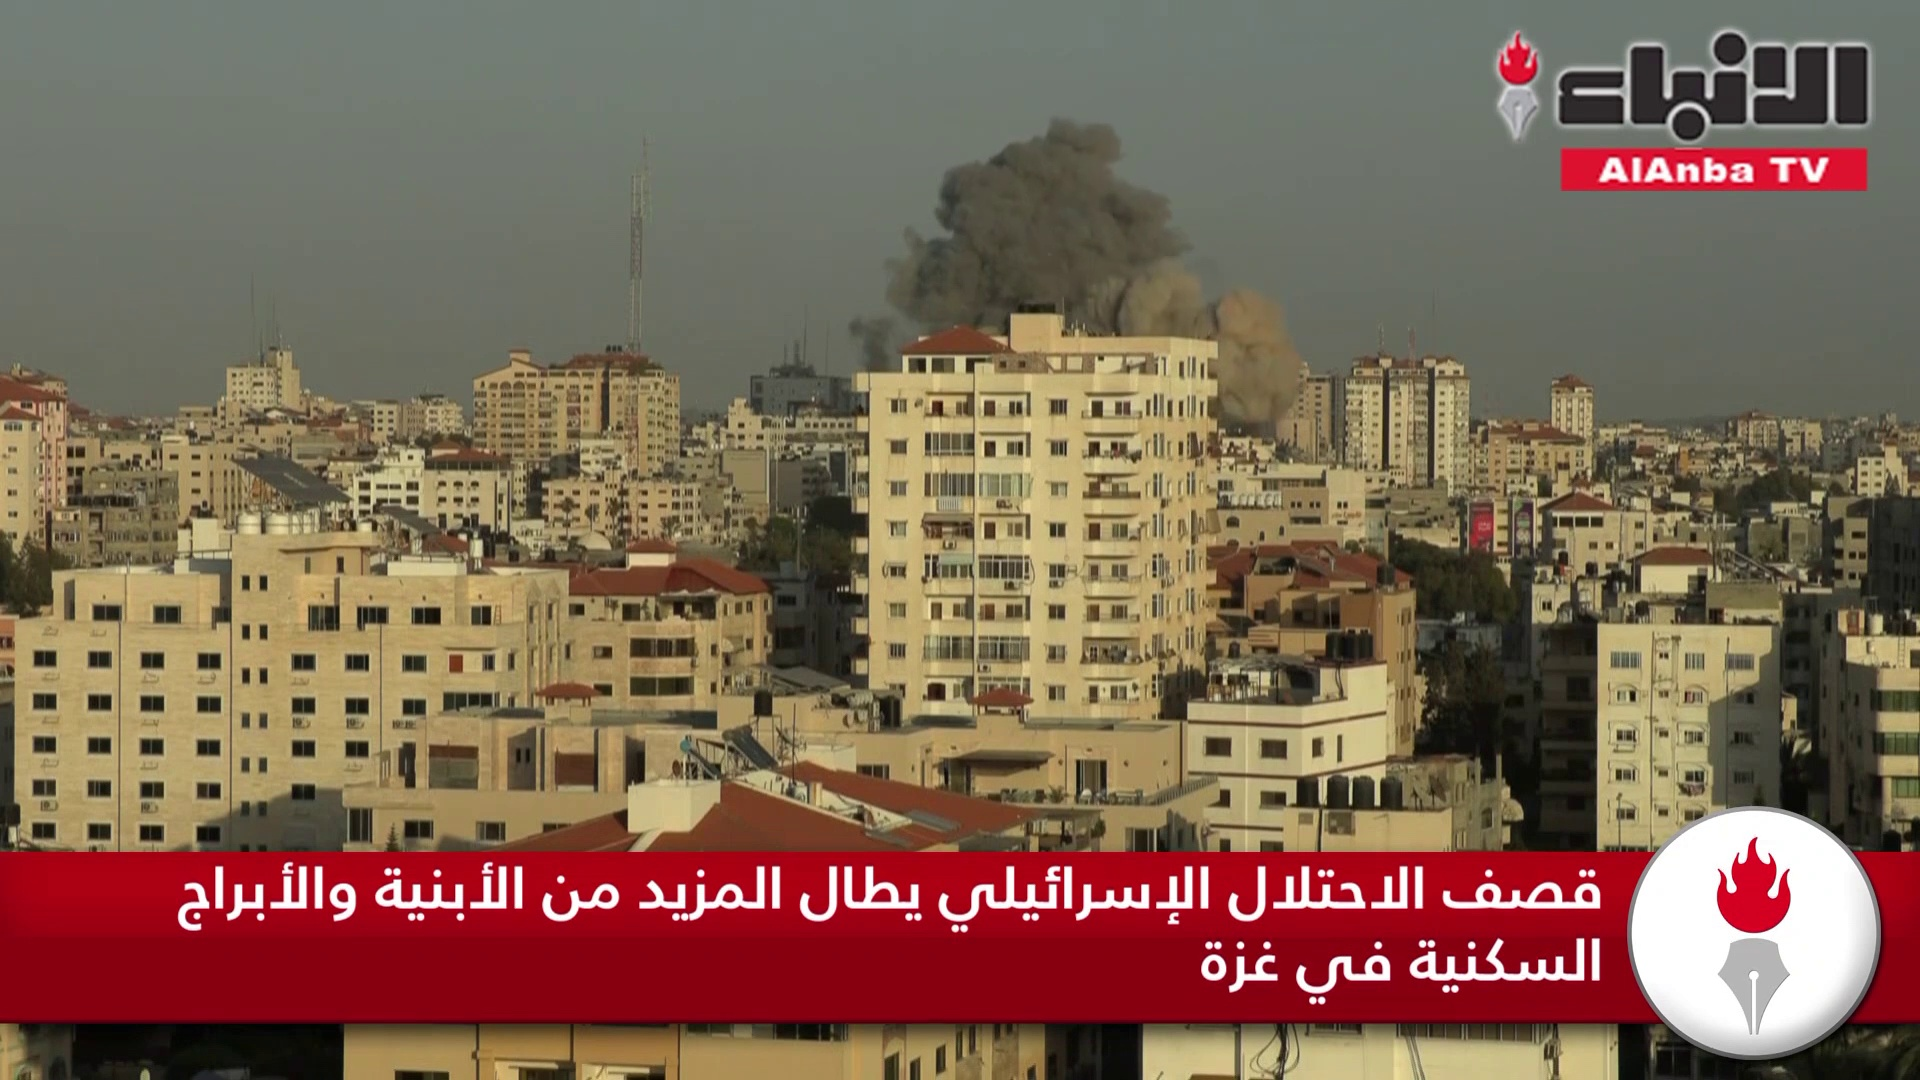 قصف الاحتلال الإسرائيلي يطال المزيد من الأبنية والأبراج السكنية في غزة ويوقع المزيد من الجرحى والشهداء